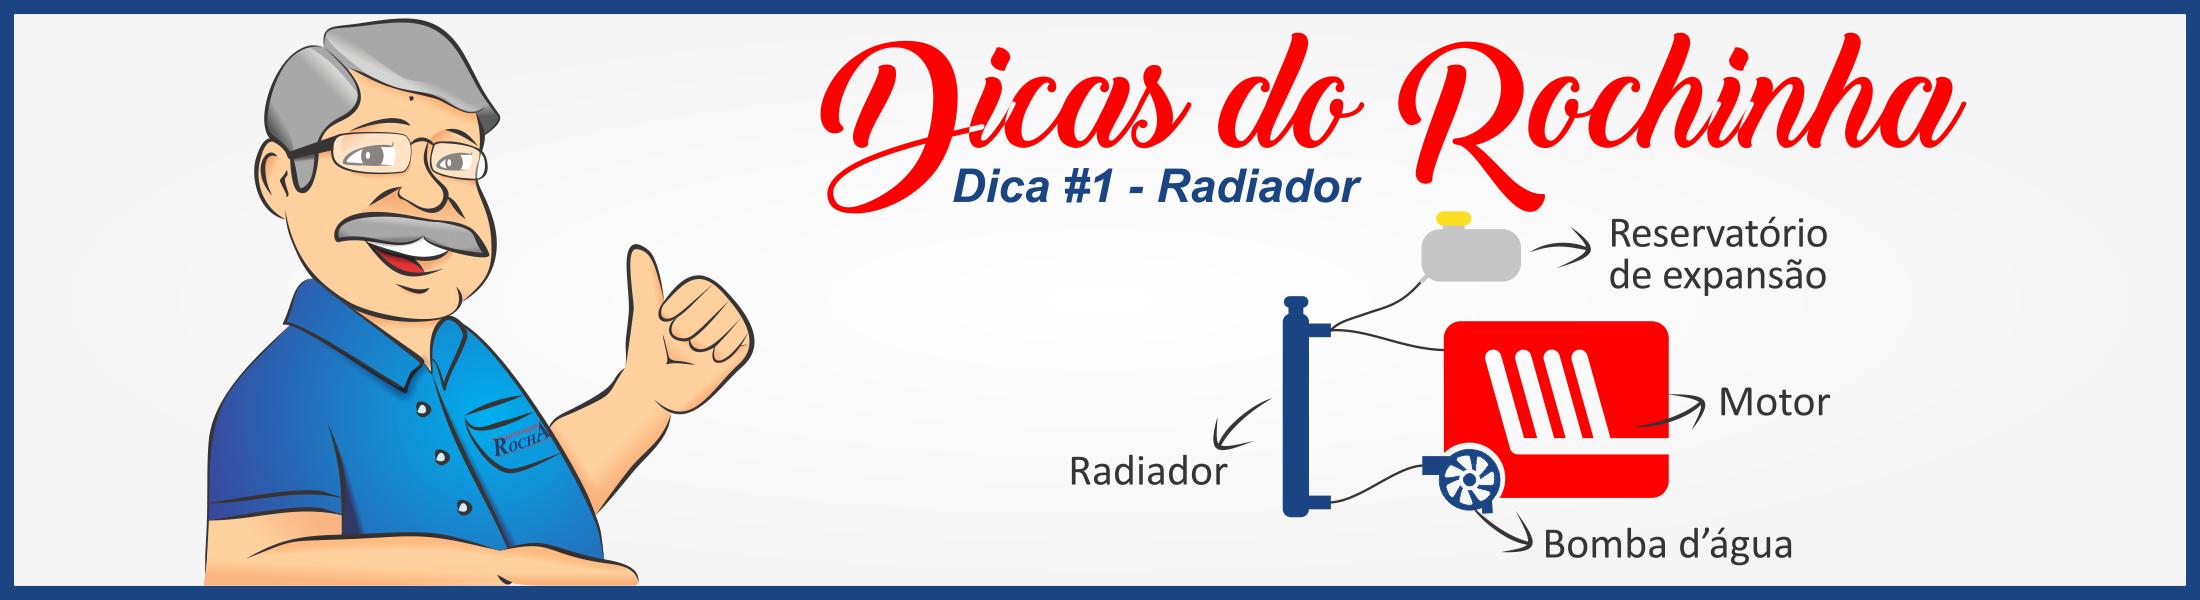 Dicas do Rochinha DICA#1